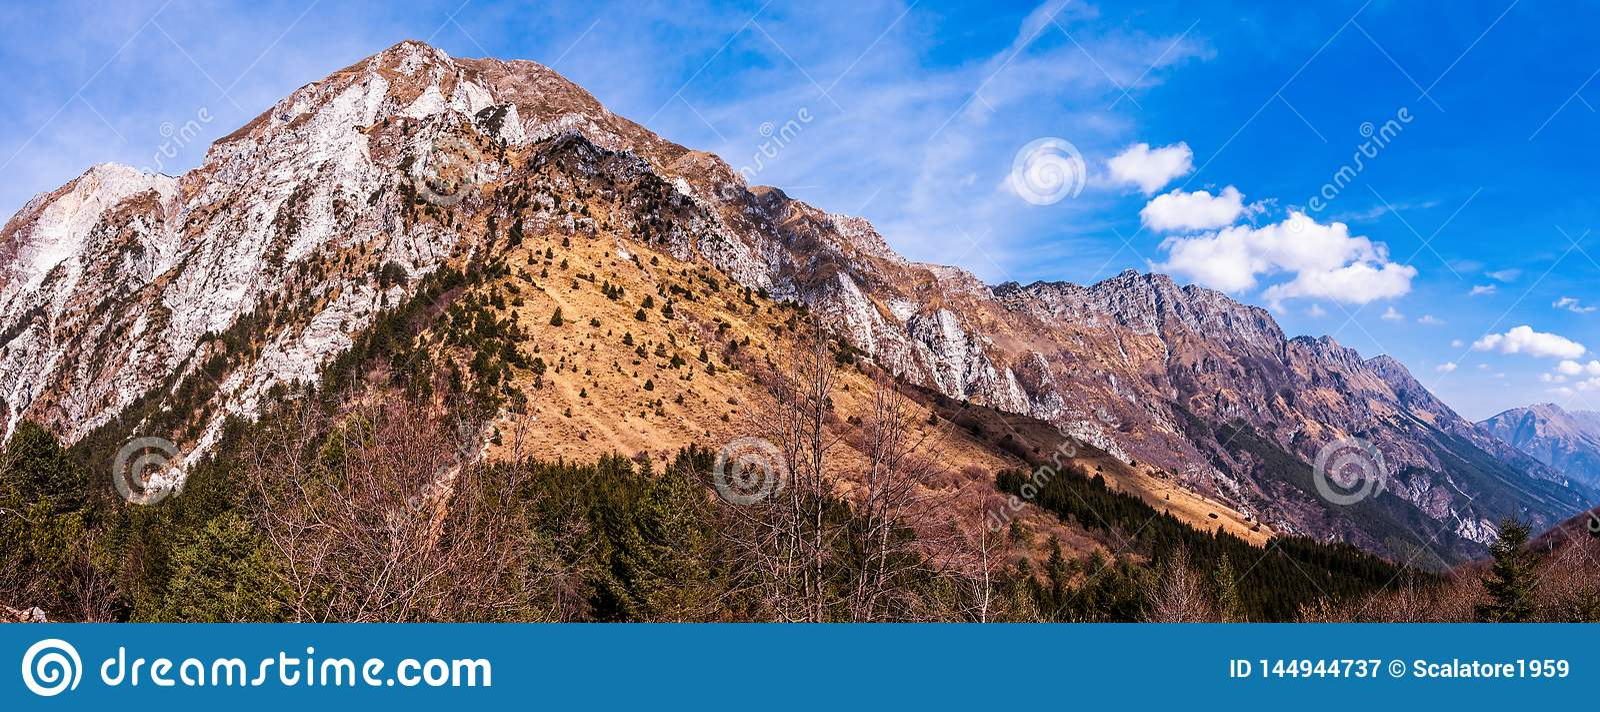 Paysage stupéfiant de montagne avec vif coloré sur le ciel nuageux, fond extérieur naturel de voyage Alpes Friuli Italie